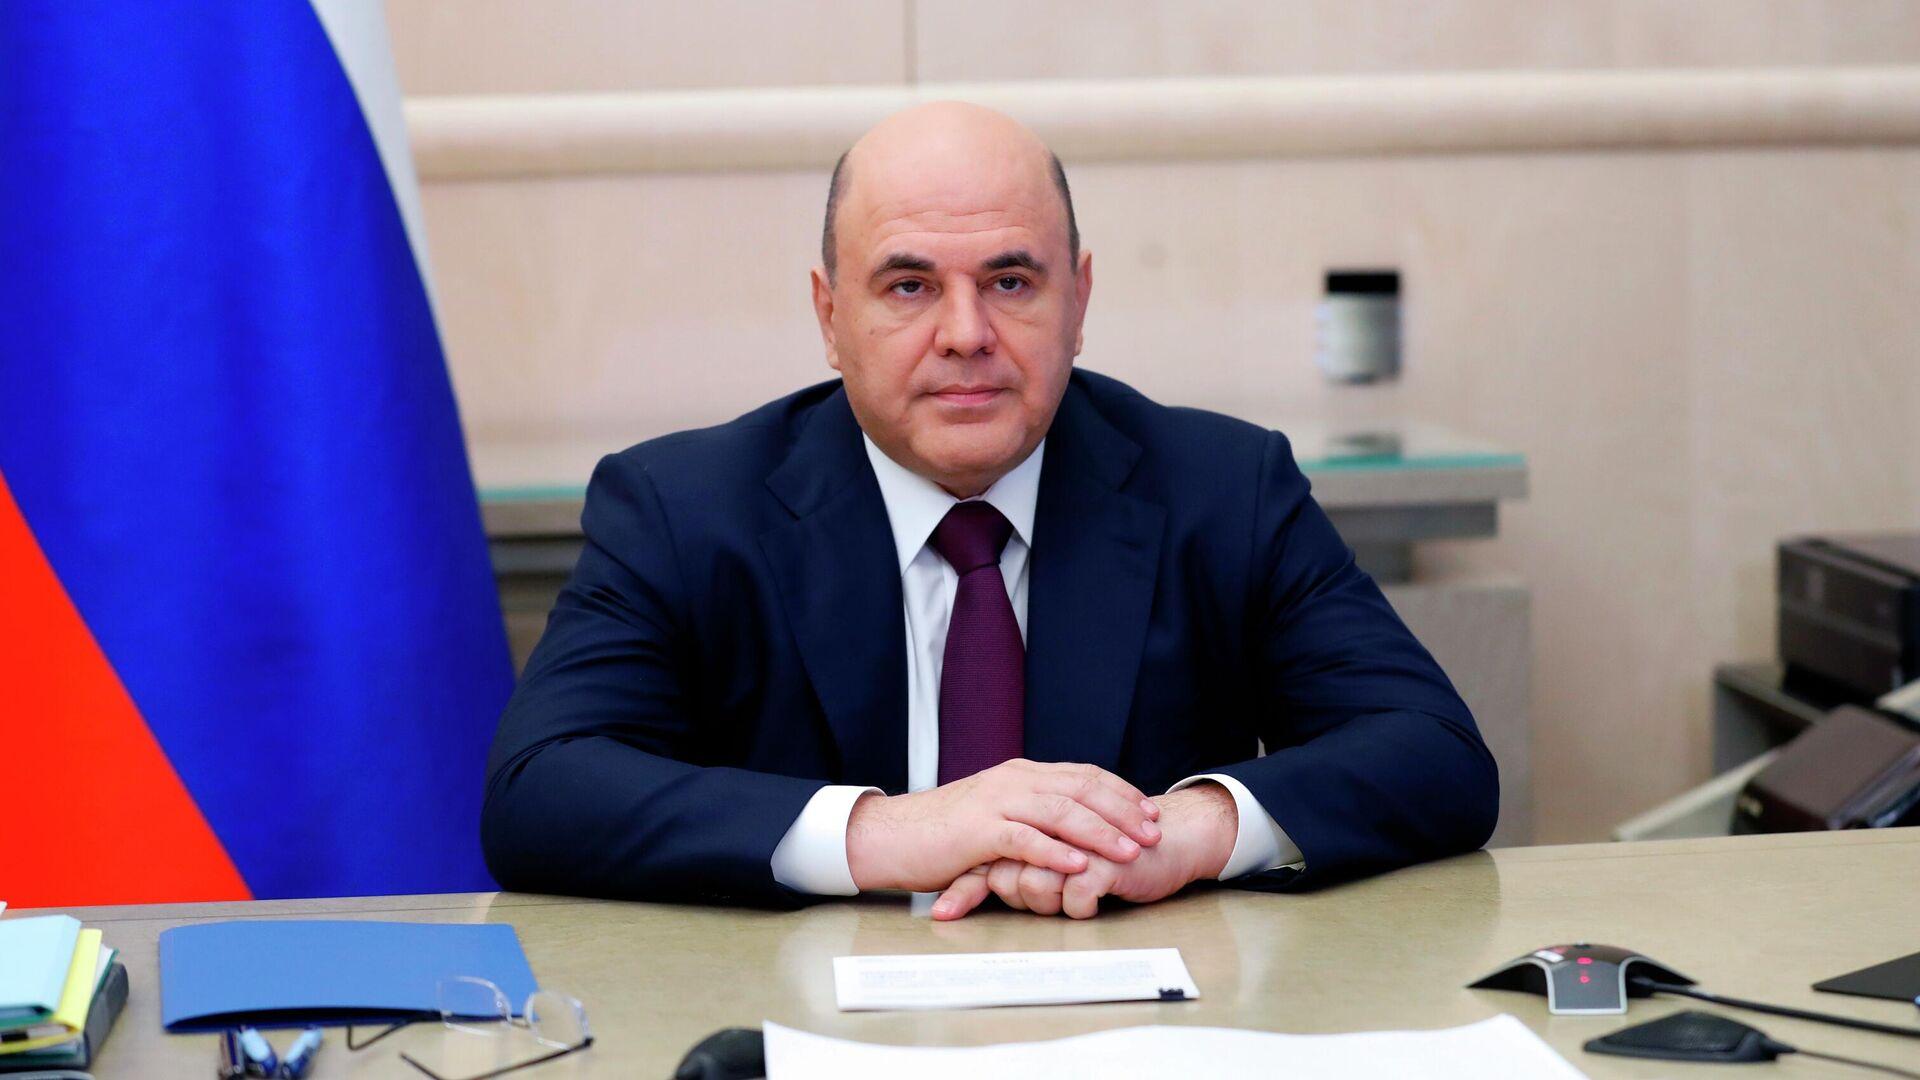 Правительство одобрило изменения в конвенцию о налогообложении с Мальтой